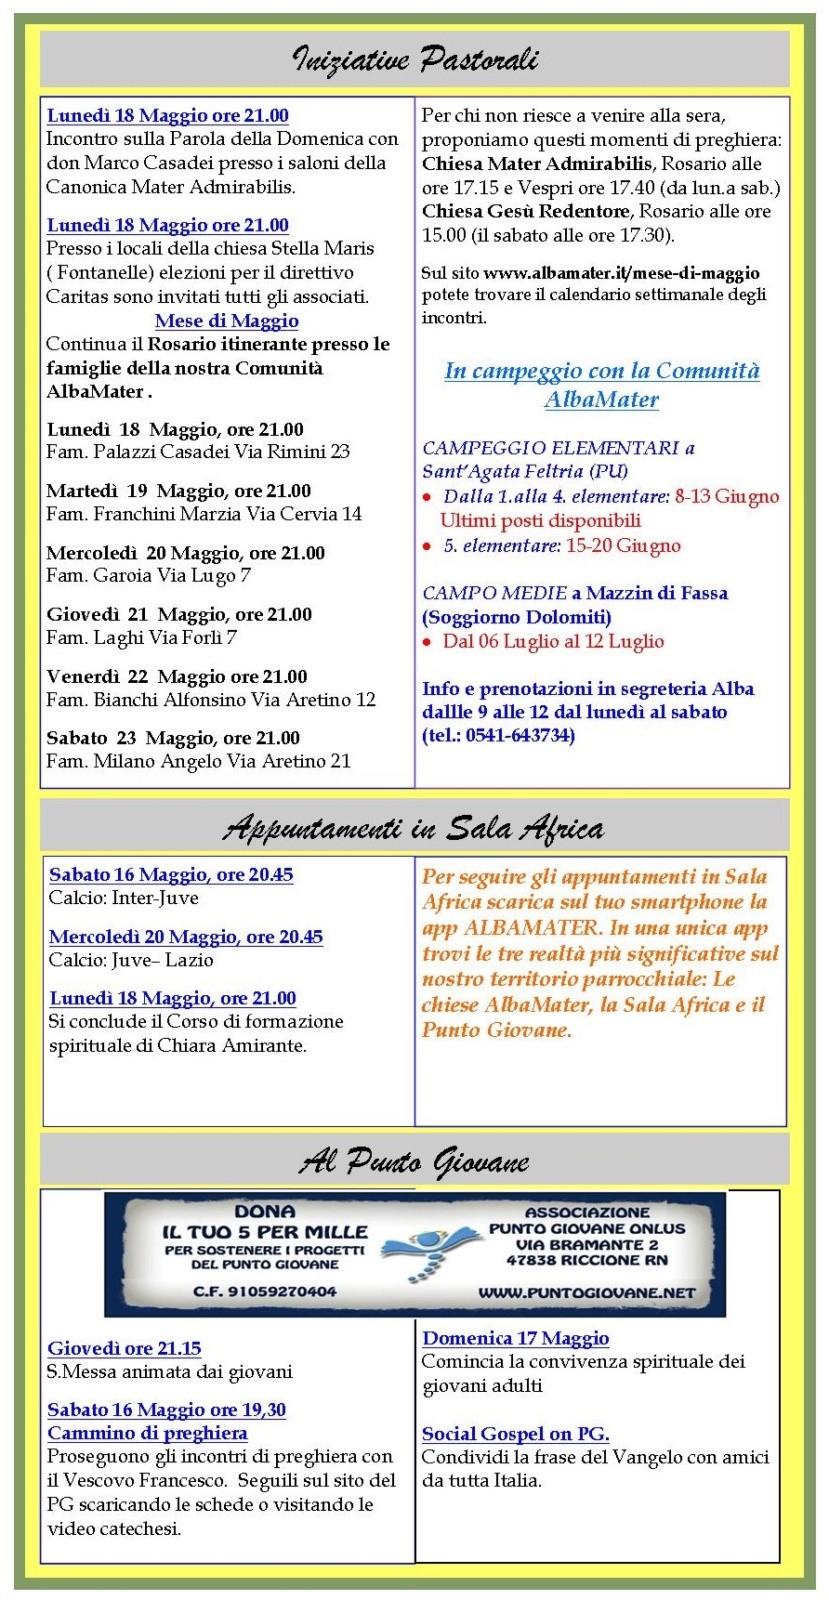 Newsletter 15 Maggio 2015